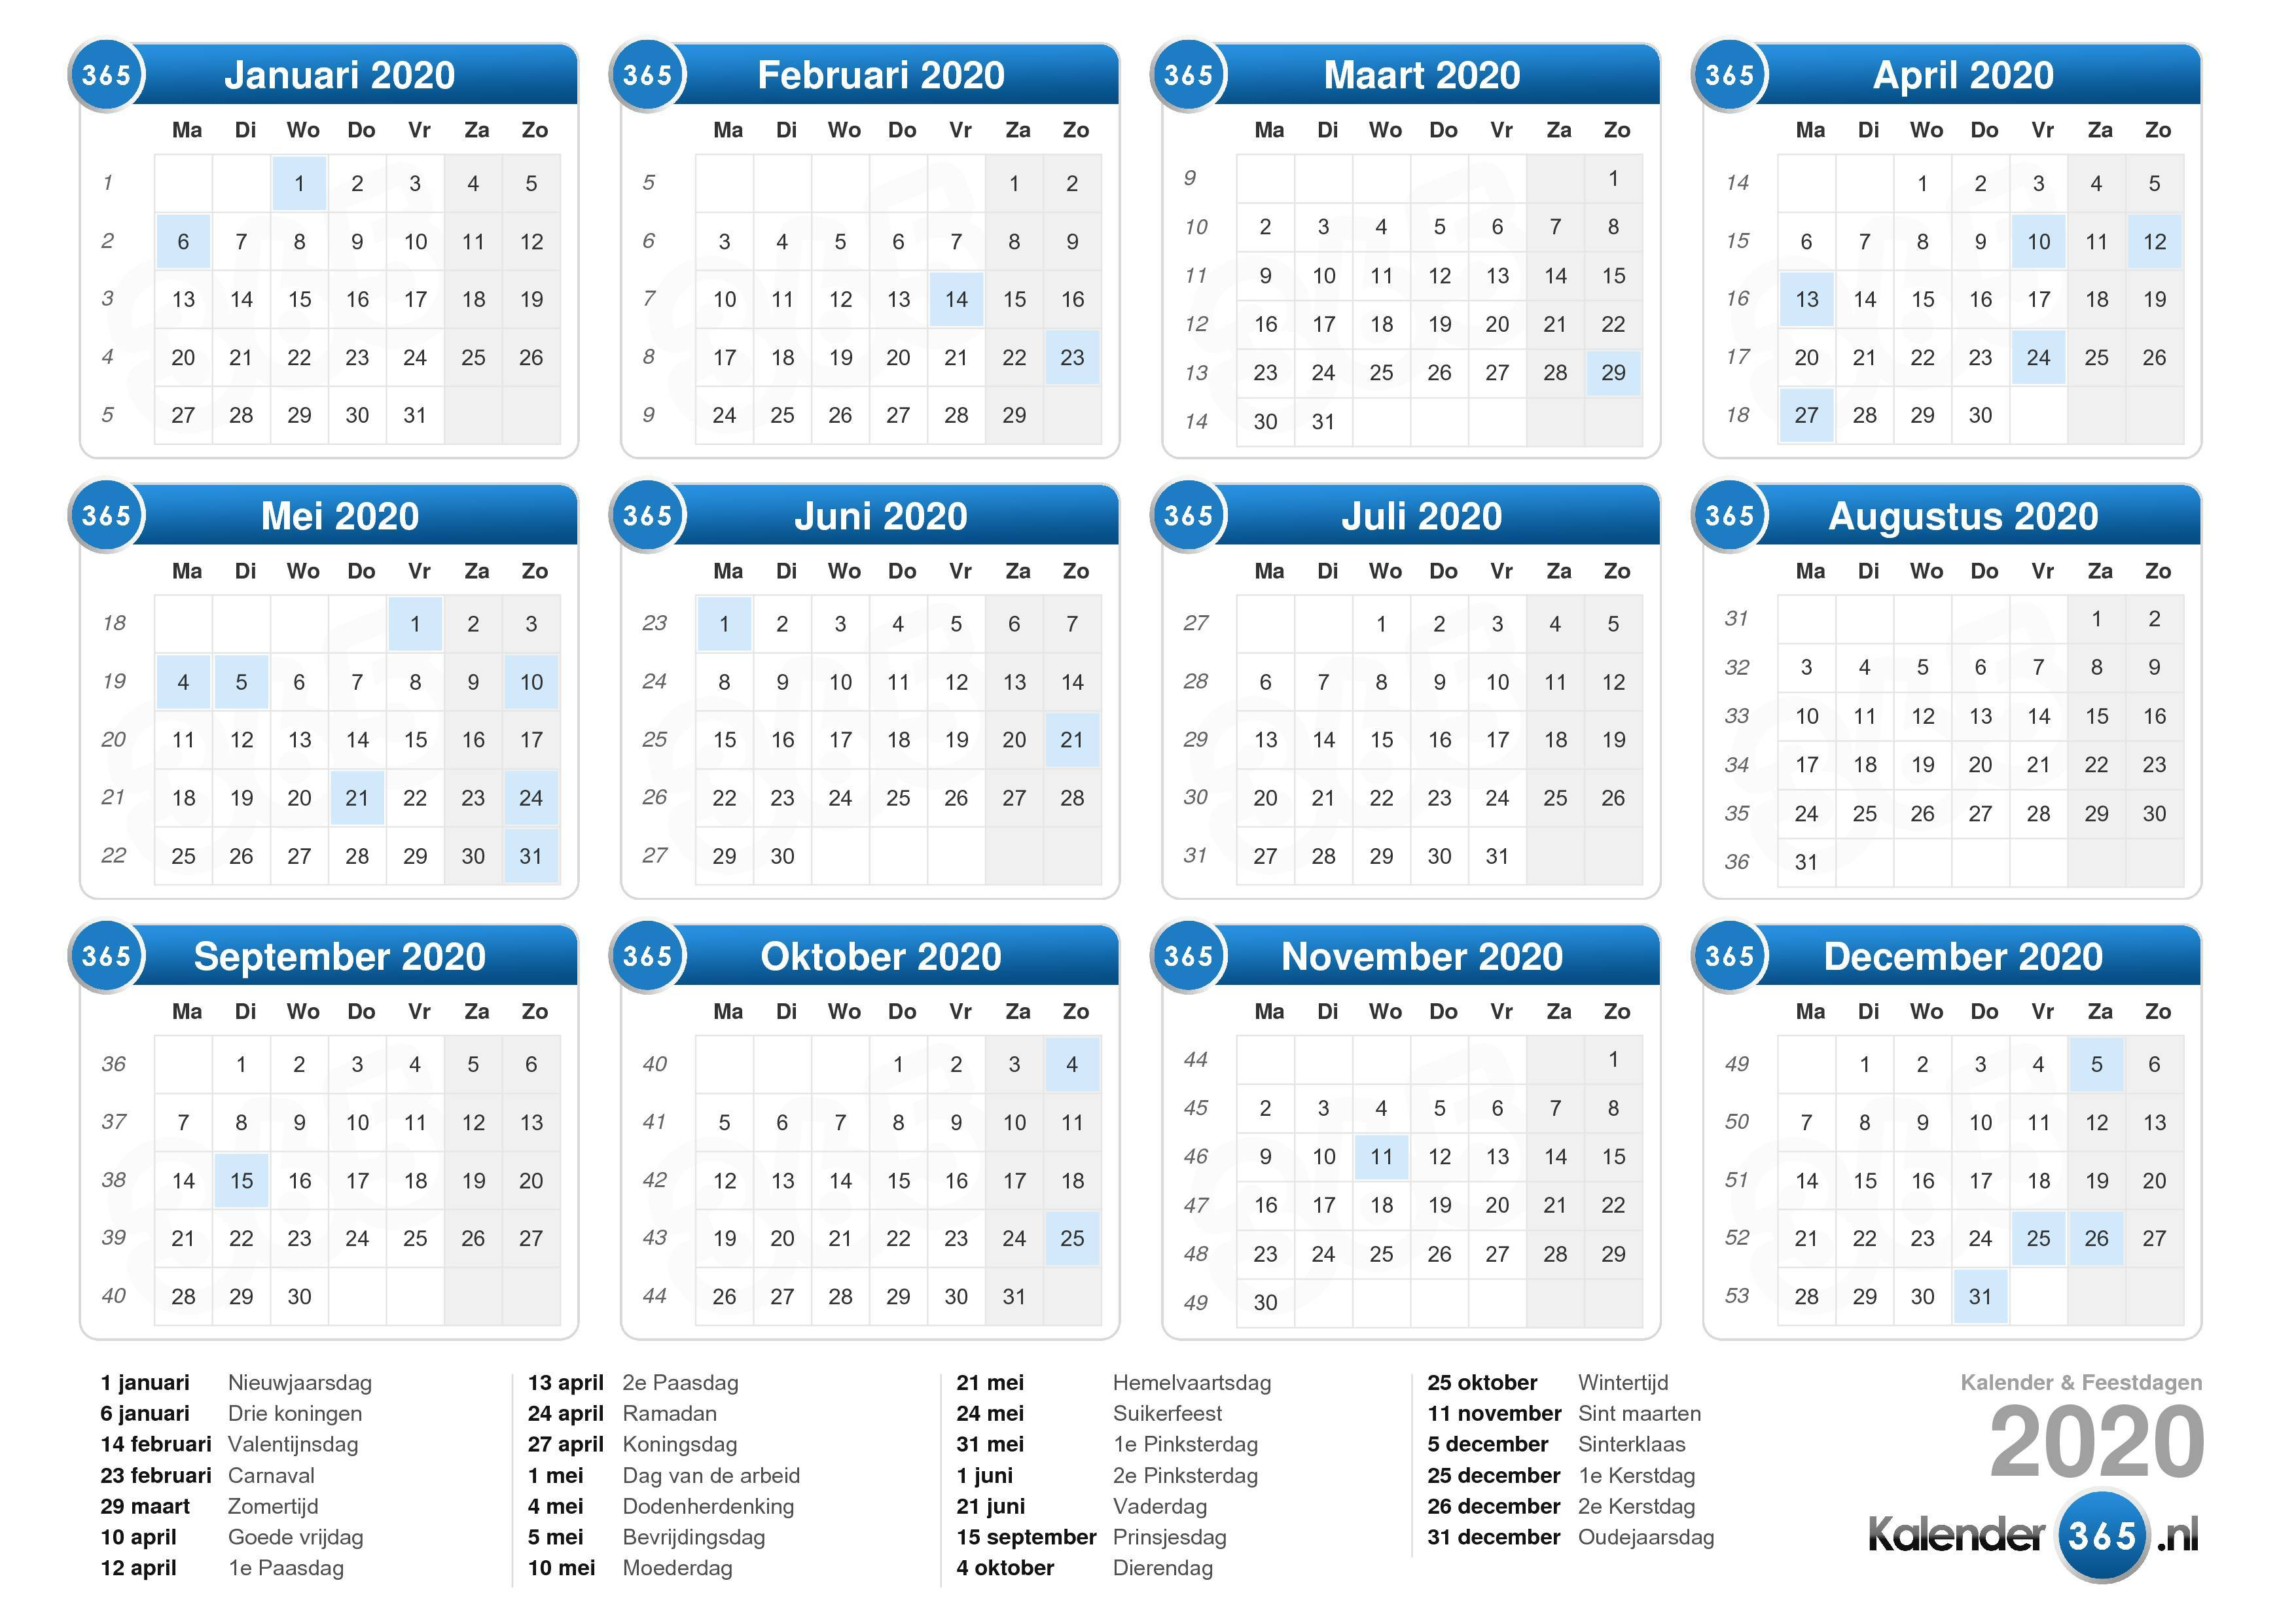 Kalender 2020 intended for Calendar 2020 Nl